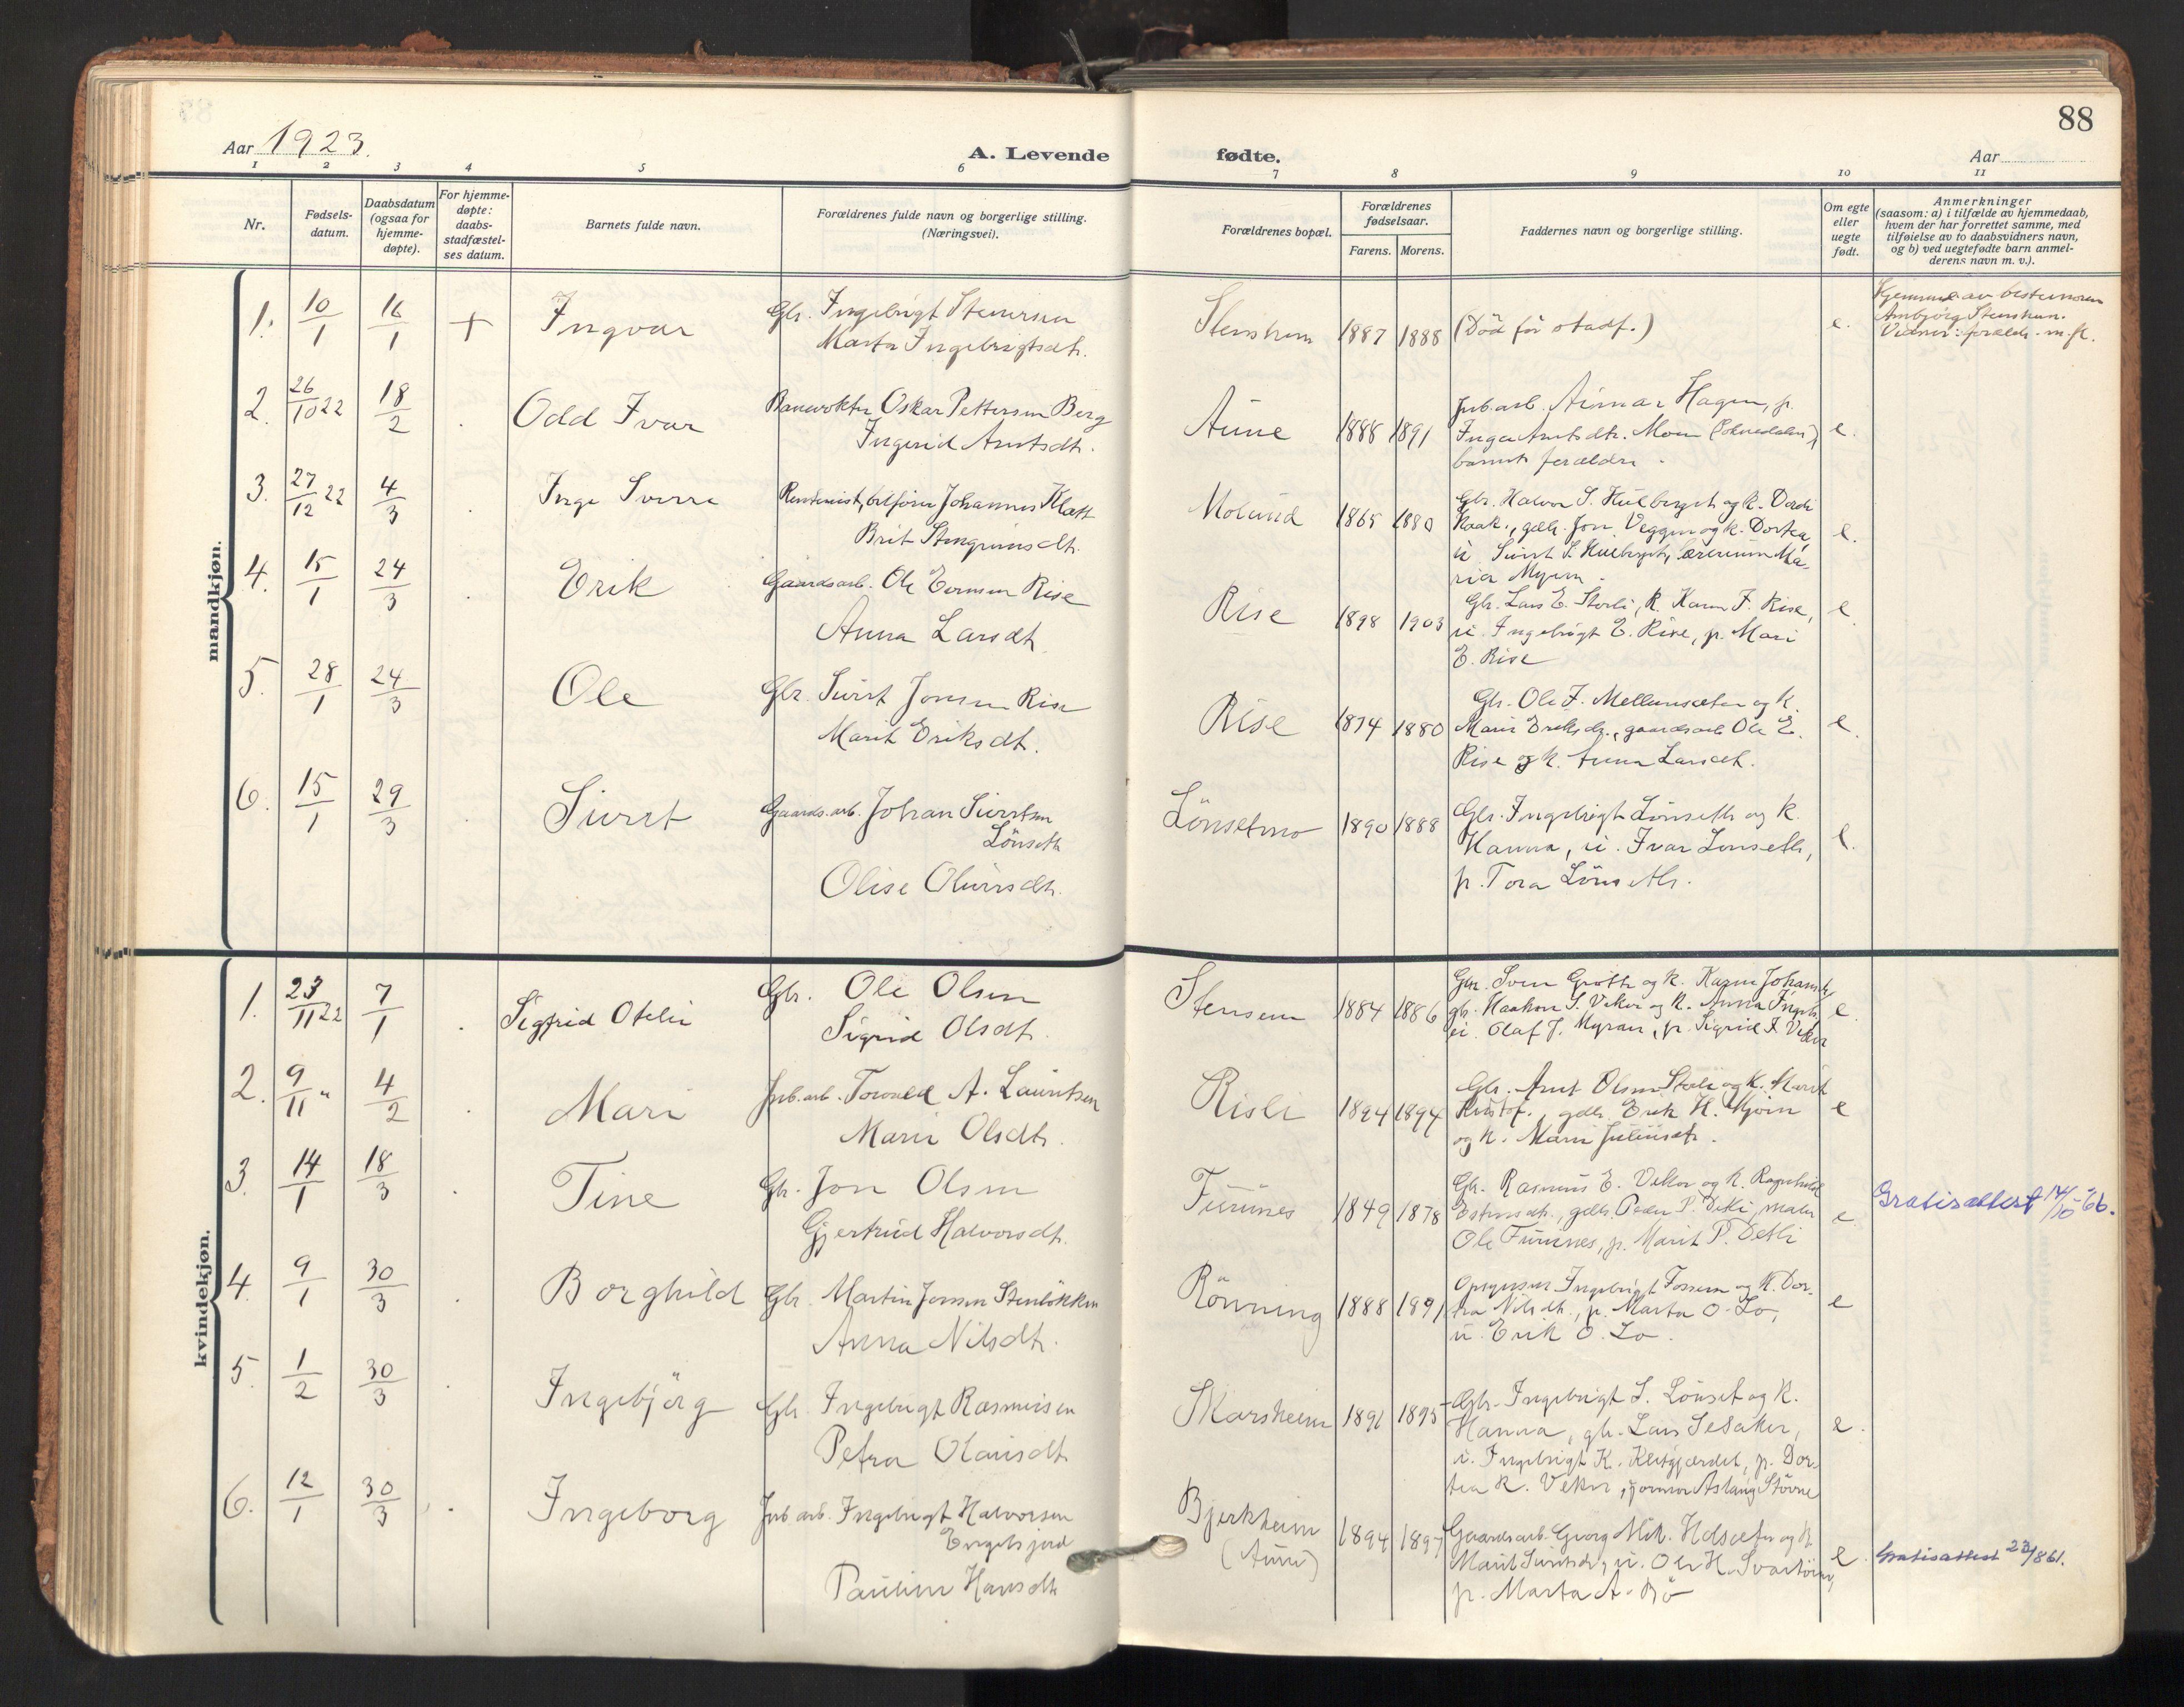 SAT, Ministerialprotokoller, klokkerbøker og fødselsregistre - Sør-Trøndelag, 678/L0909: Ministerialbok nr. 678A17, 1912-1930, s. 88